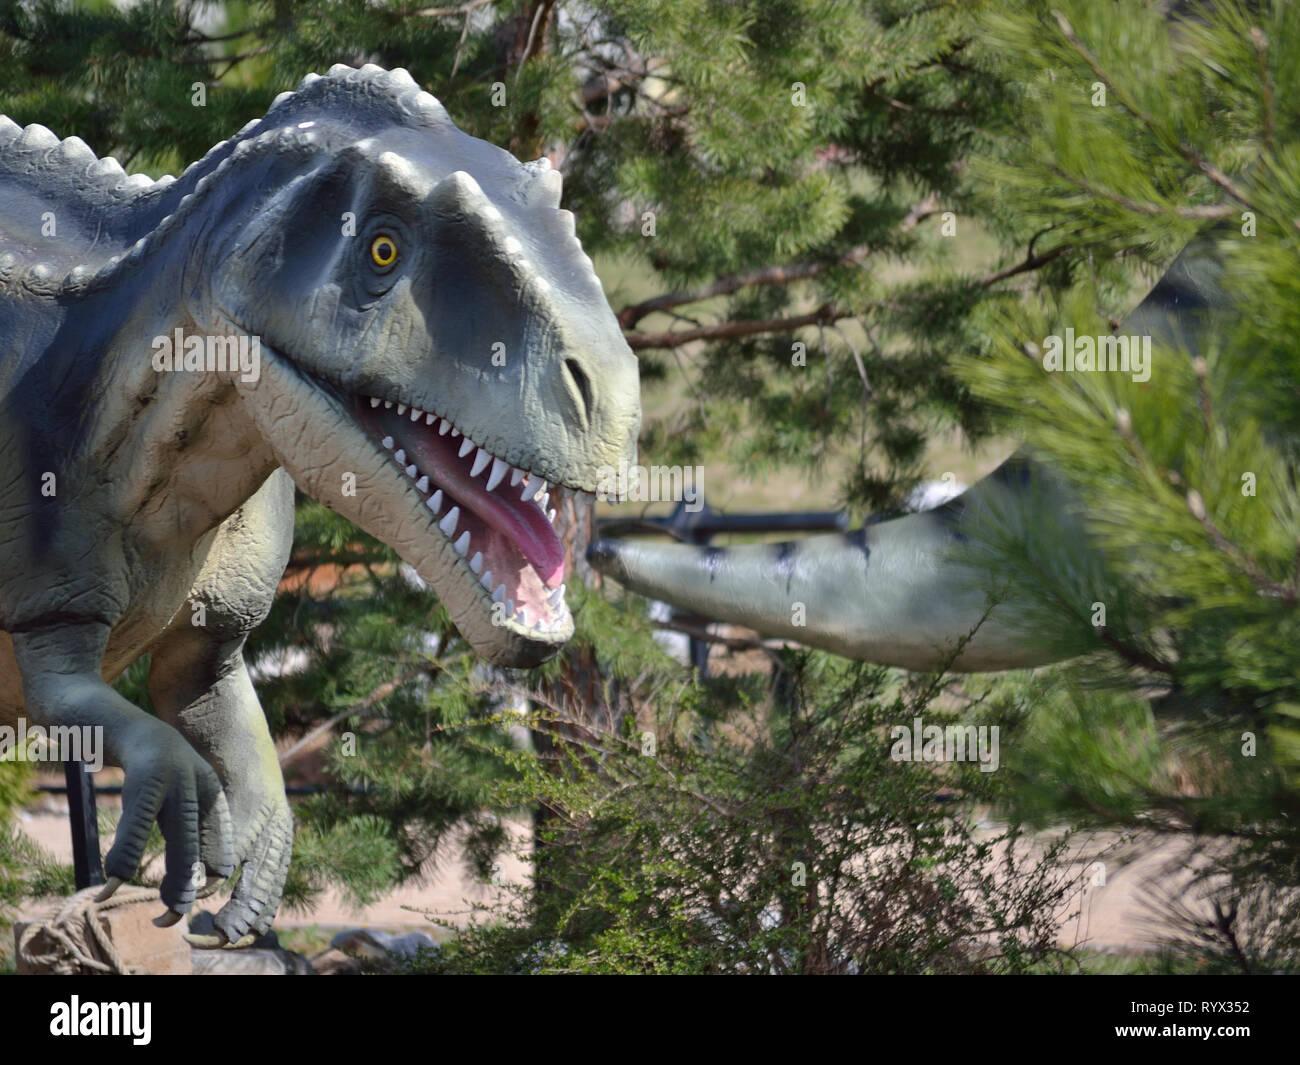 dinosaur dino photos & dinosaur dino images - alamy